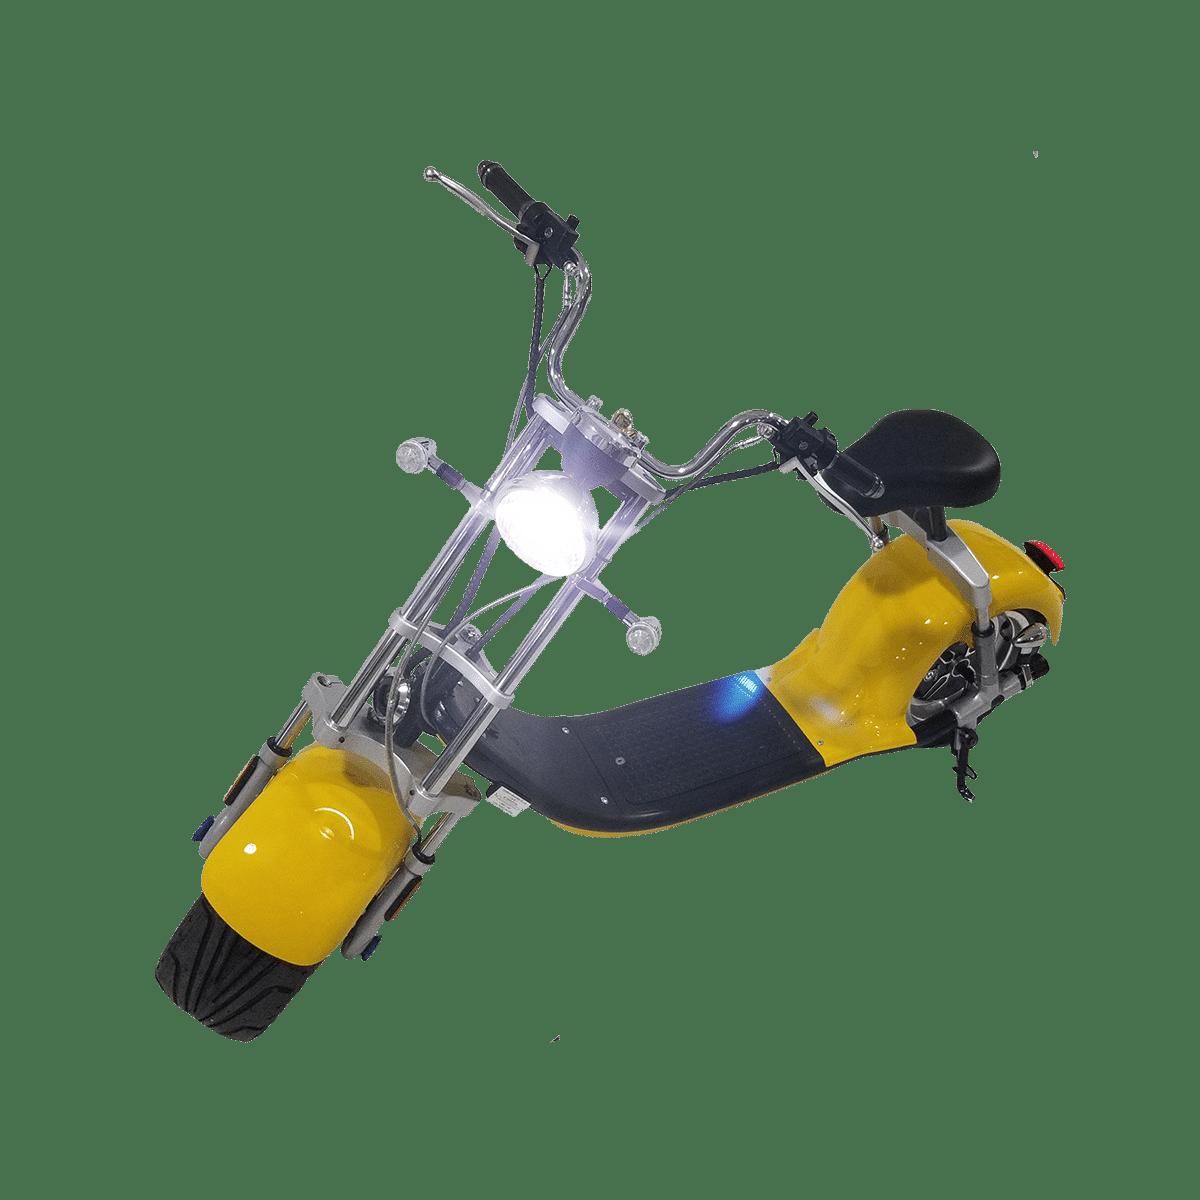 Citycoco Chopper Deluxe Jaune 1190€